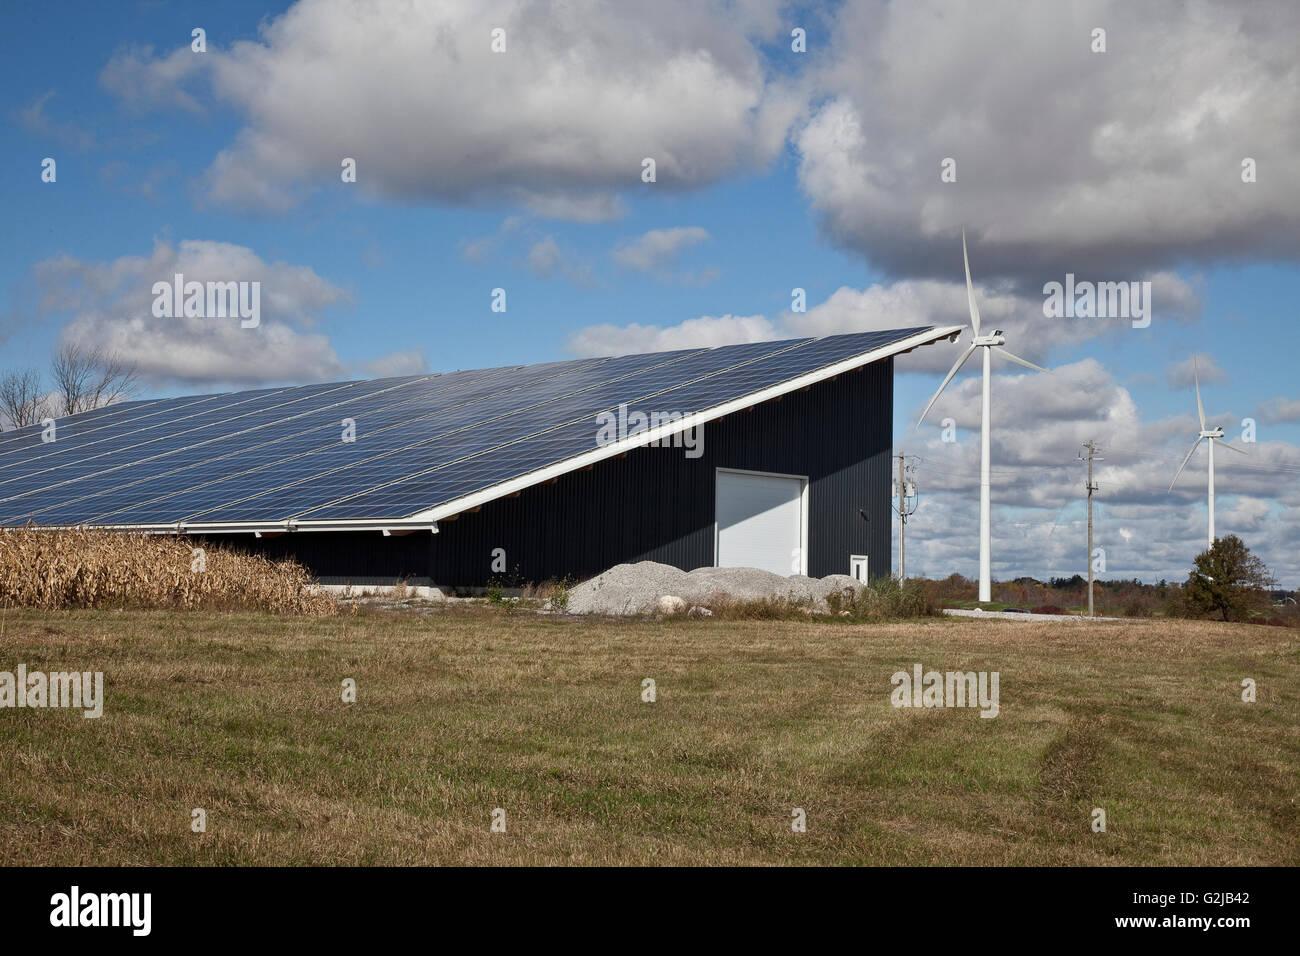 Pannelli solari su autostrade Edificio adibito allo stoccaggio in a sudovest Ontario (vicino al lago Erie), Ontario, Immagini Stock